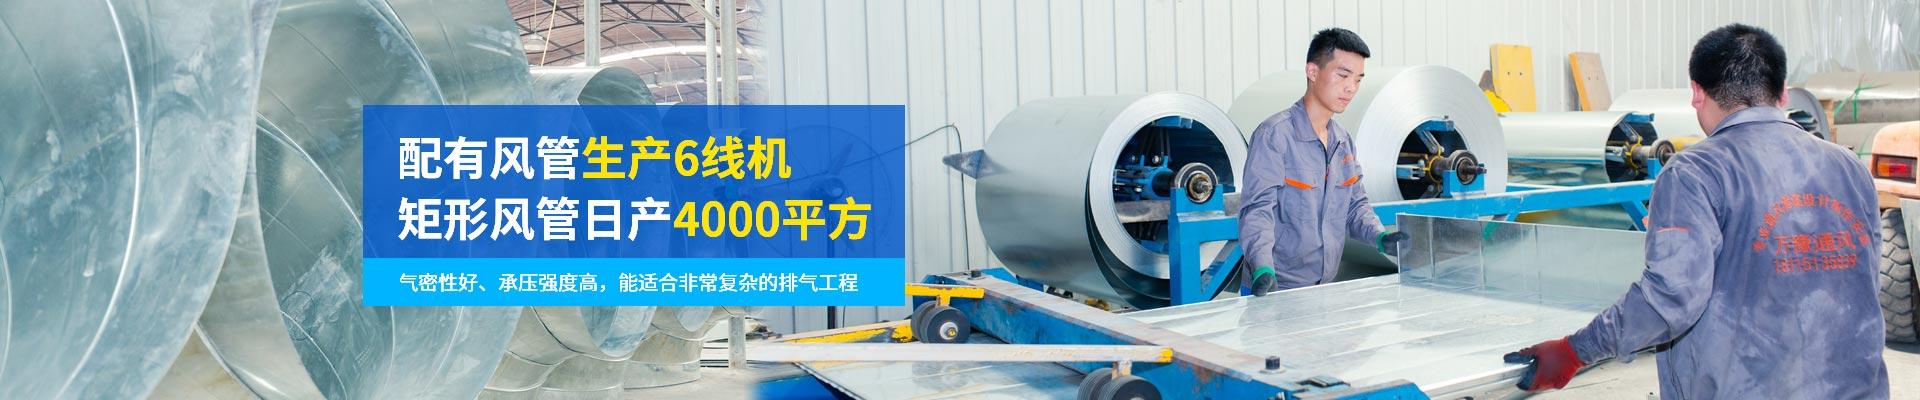 万豫暖通-配有风管生产6线机矩形风管日产4000平方